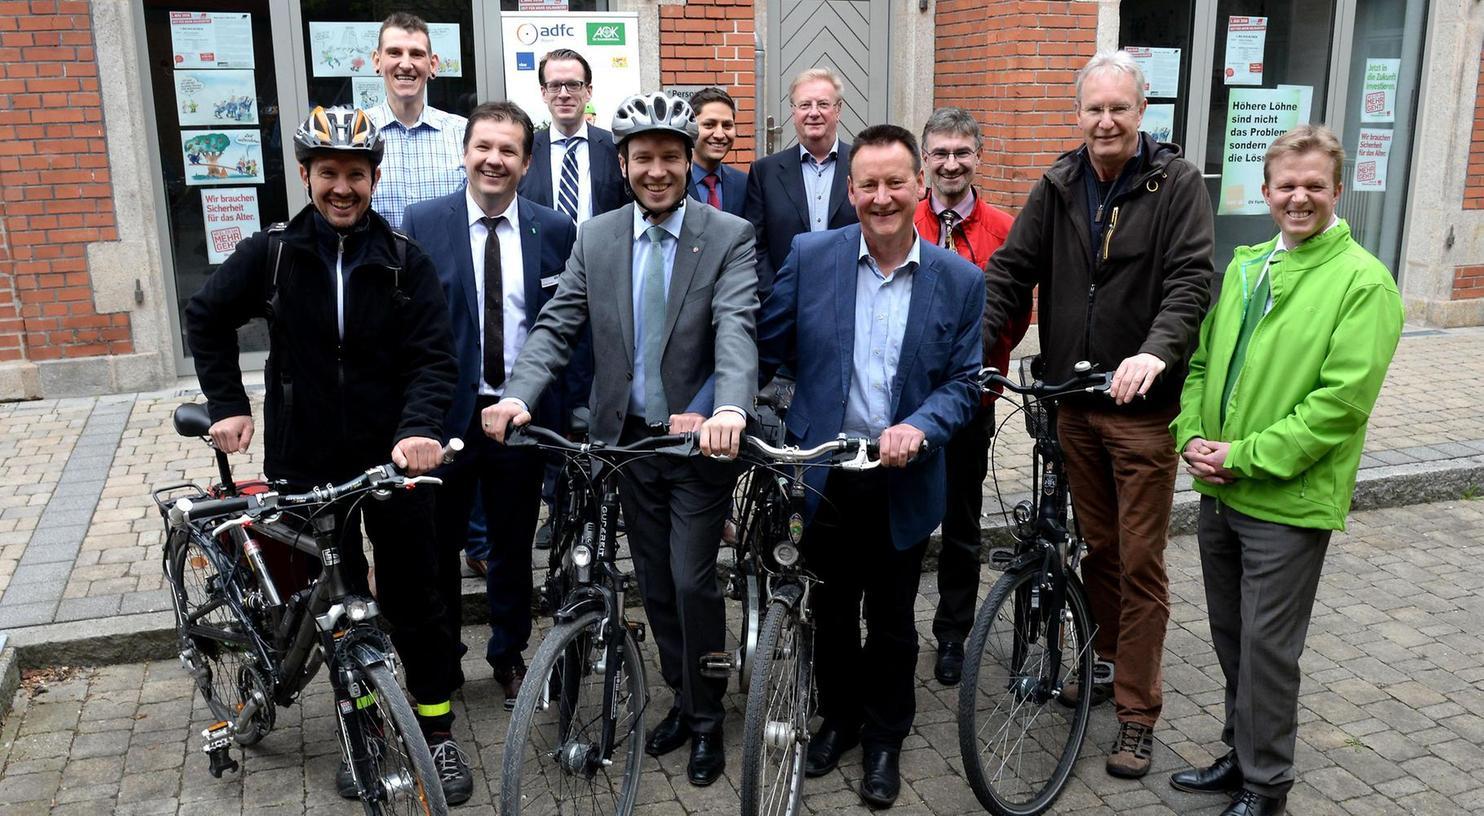 """Startschuss für die Aktion """"Mit dem Rad zur Arbeit"""" im Hof des Technischen Rathauses: Auch Oberbürgermeister Thomas Jung und Landrat Matthias Dießl (4. u. 7. v. re.) sind mit Fahrrädern gekommen."""